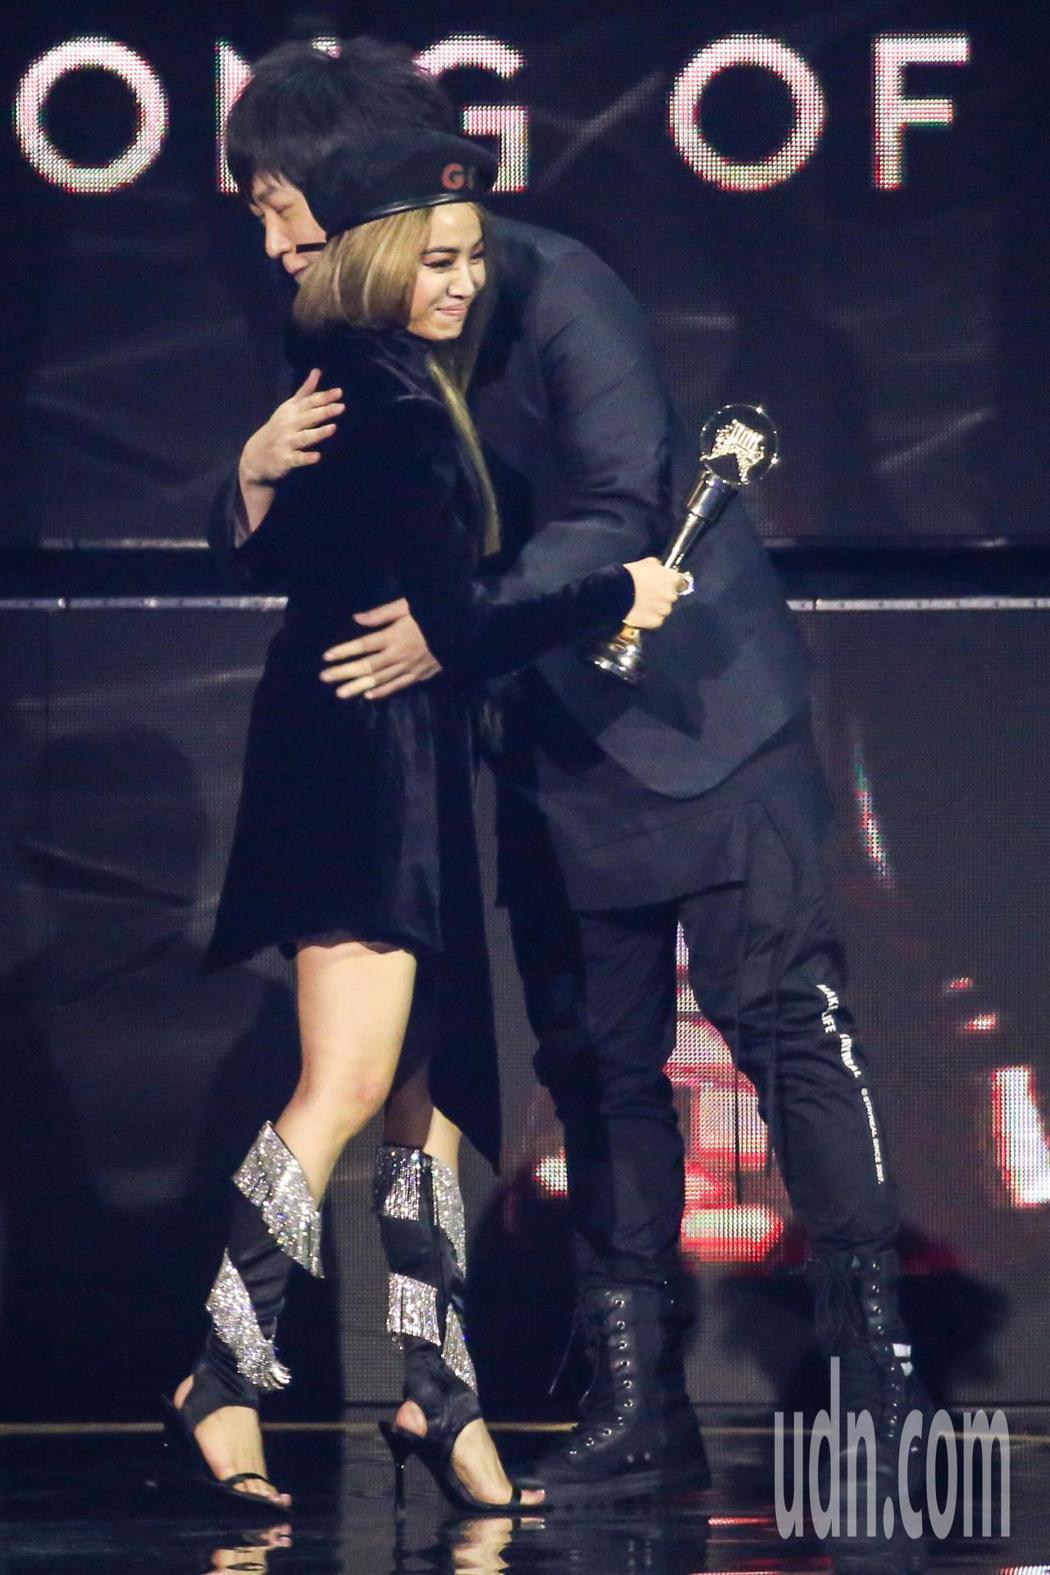 第30屆金曲獎,年度歌曲獎由蔡依林(左)以「玫瑰少年」獲得,與頒獎人「緋聞網友」